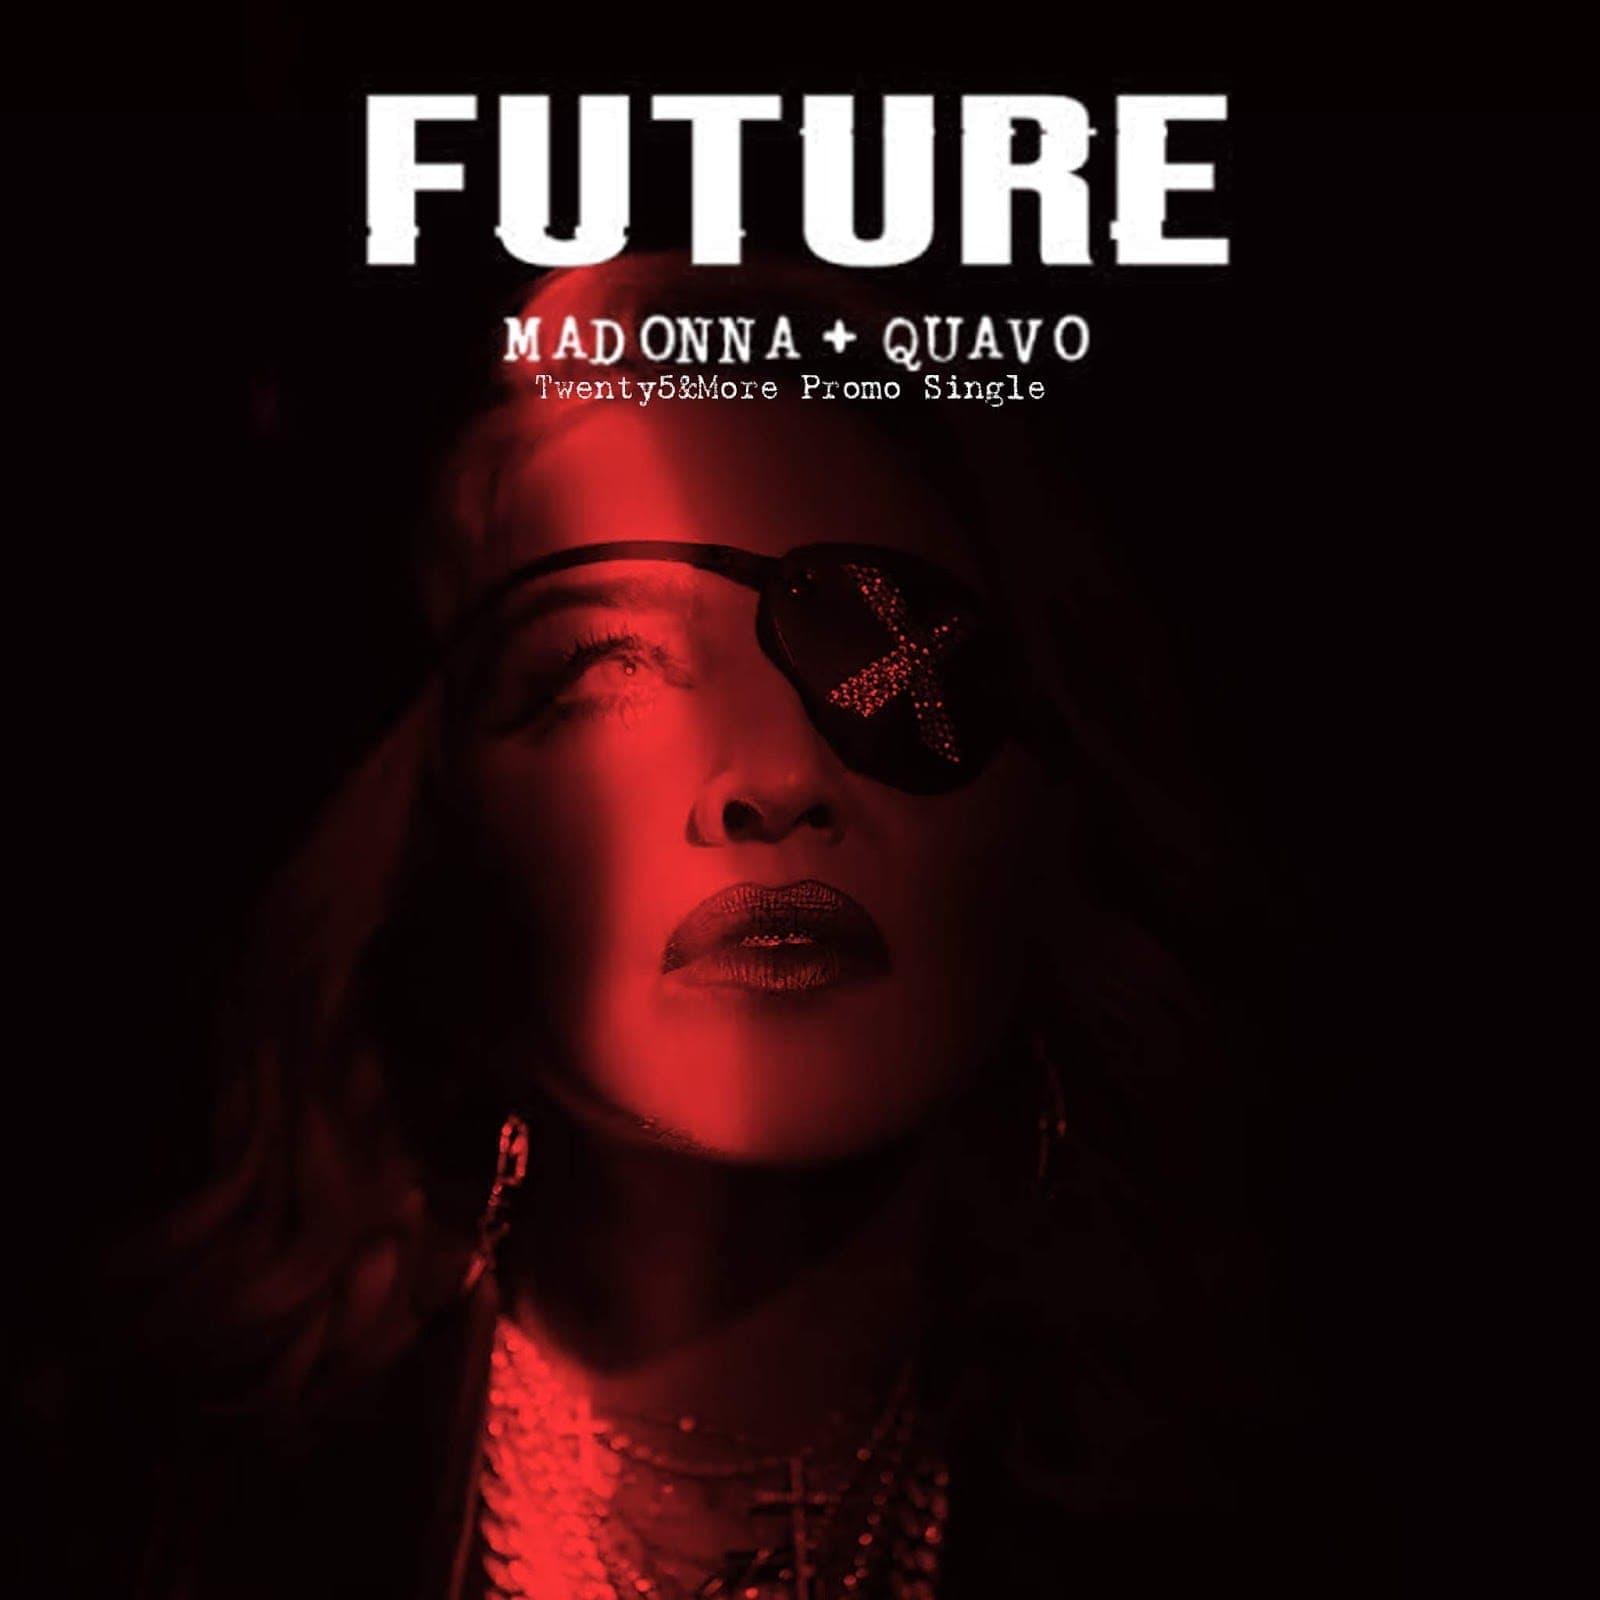 Future - Madonna & Quavo